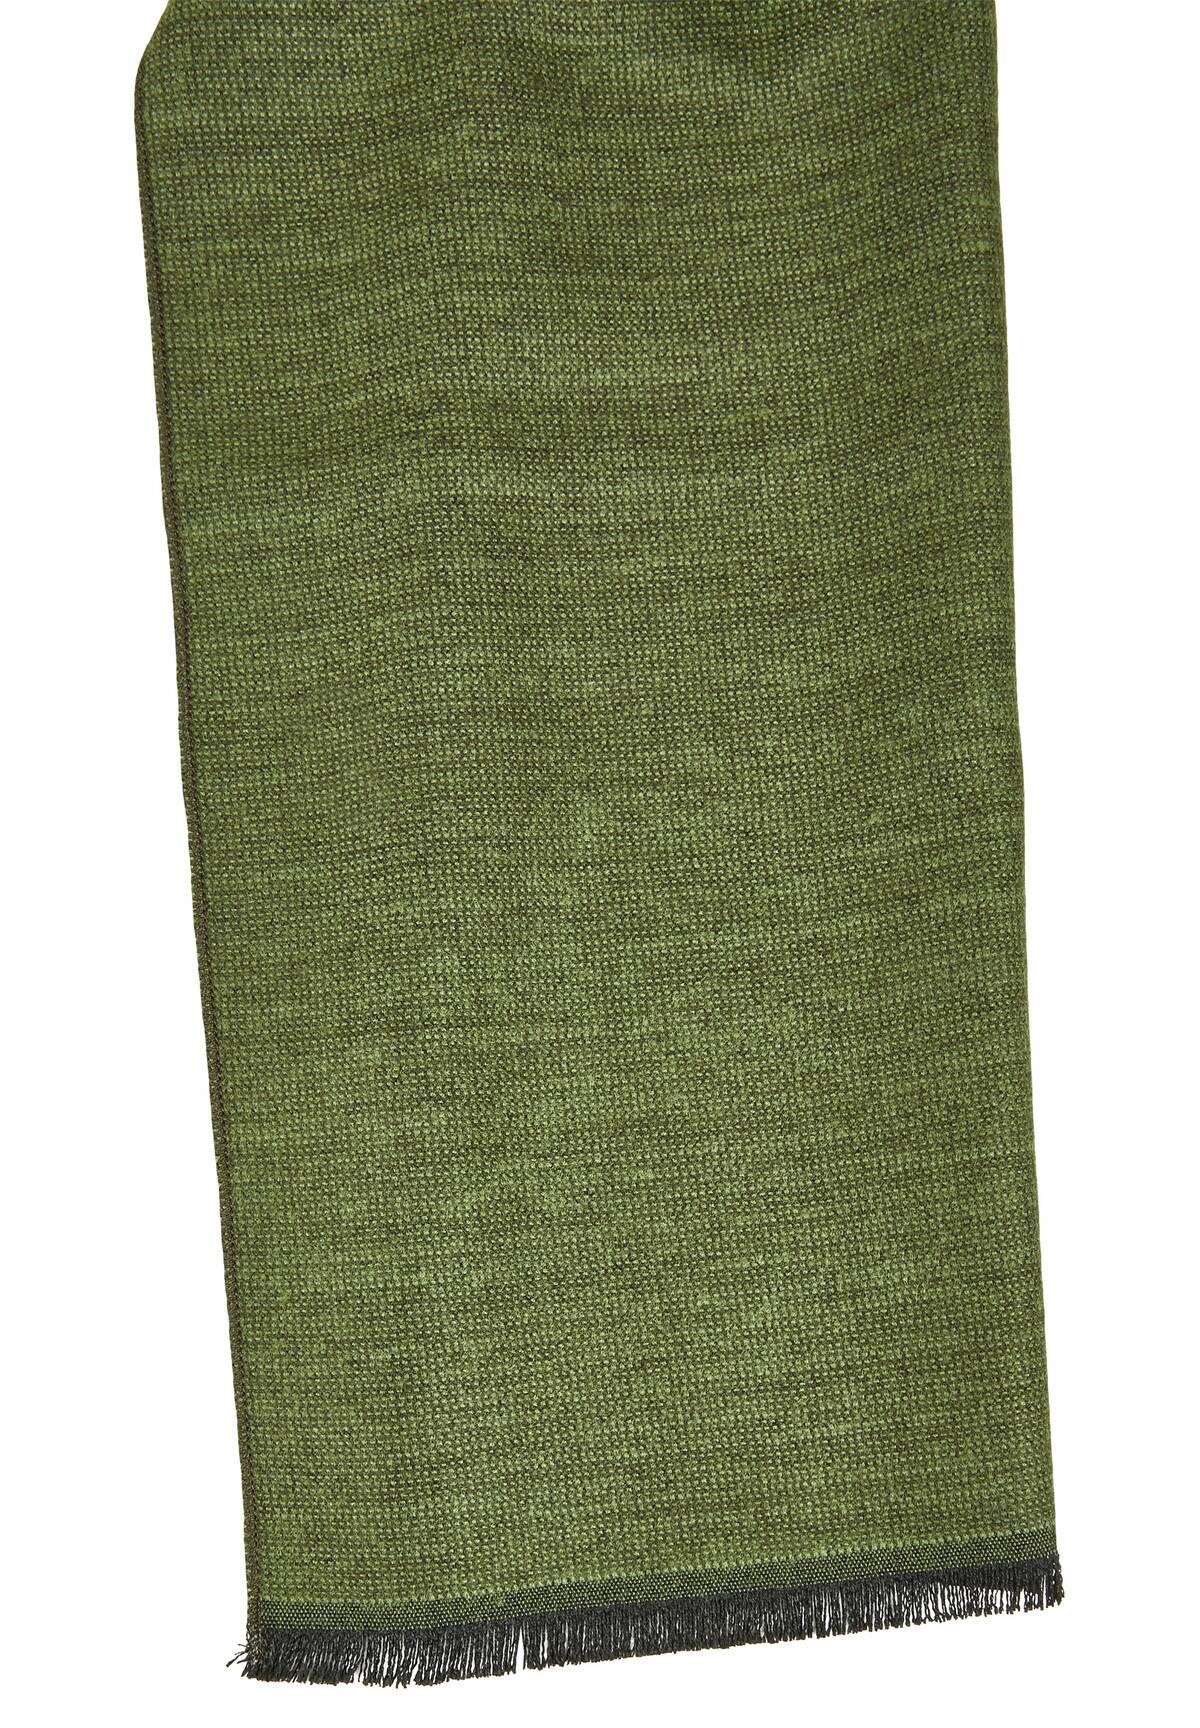 Schal 186 x 23,5 / SCARF CV